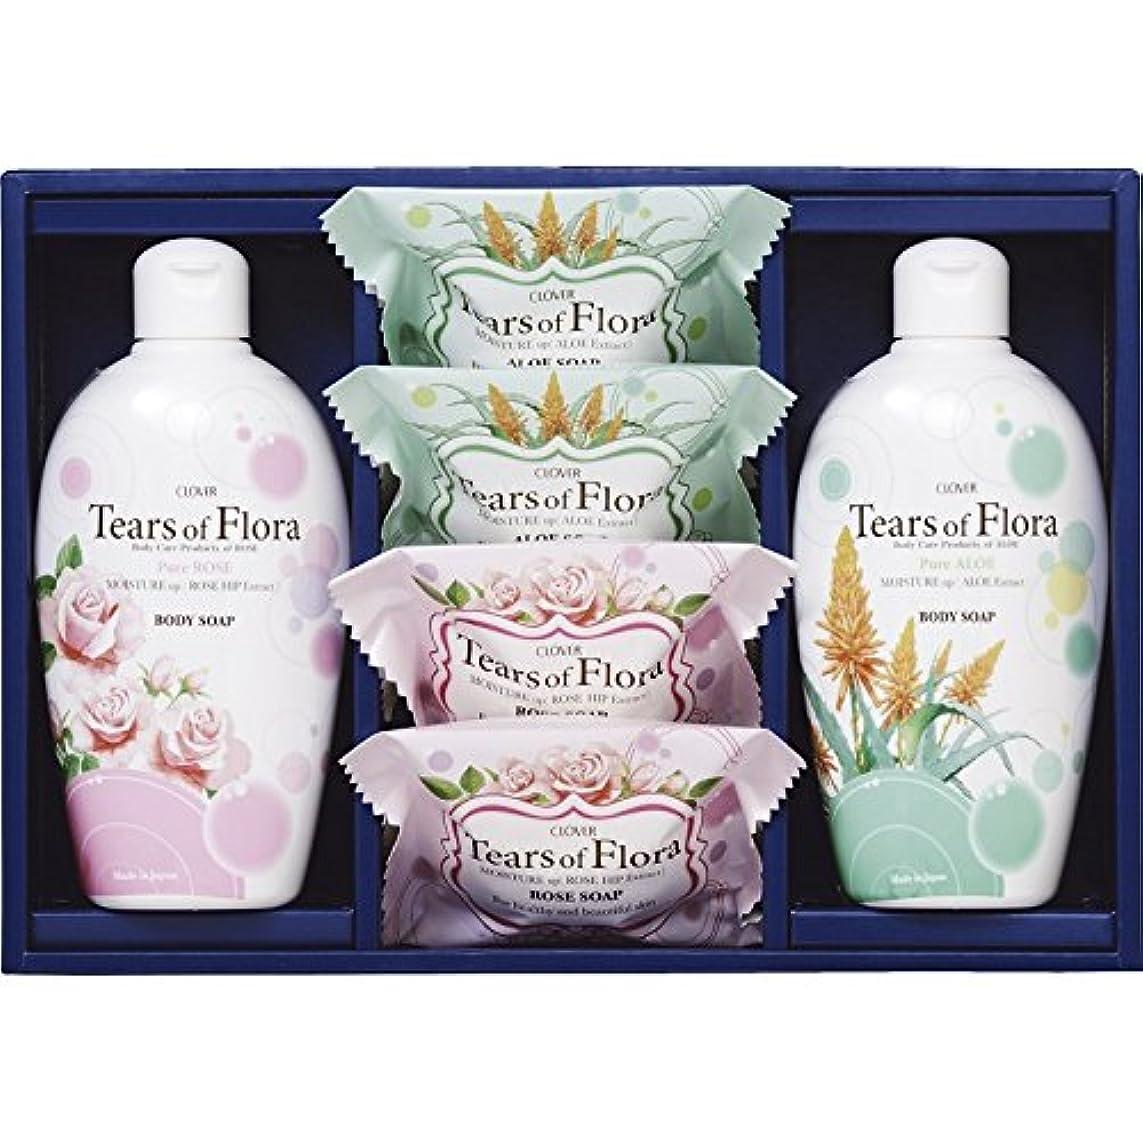 淡い脆い瞑想的ティアーズオブフローラ 【固形 ギフト せっけん あわ いい香り いい匂い うるおい プレゼント お風呂 かおり からだ きれい つめあわせ てぃあーずおぶふろーら 1500】